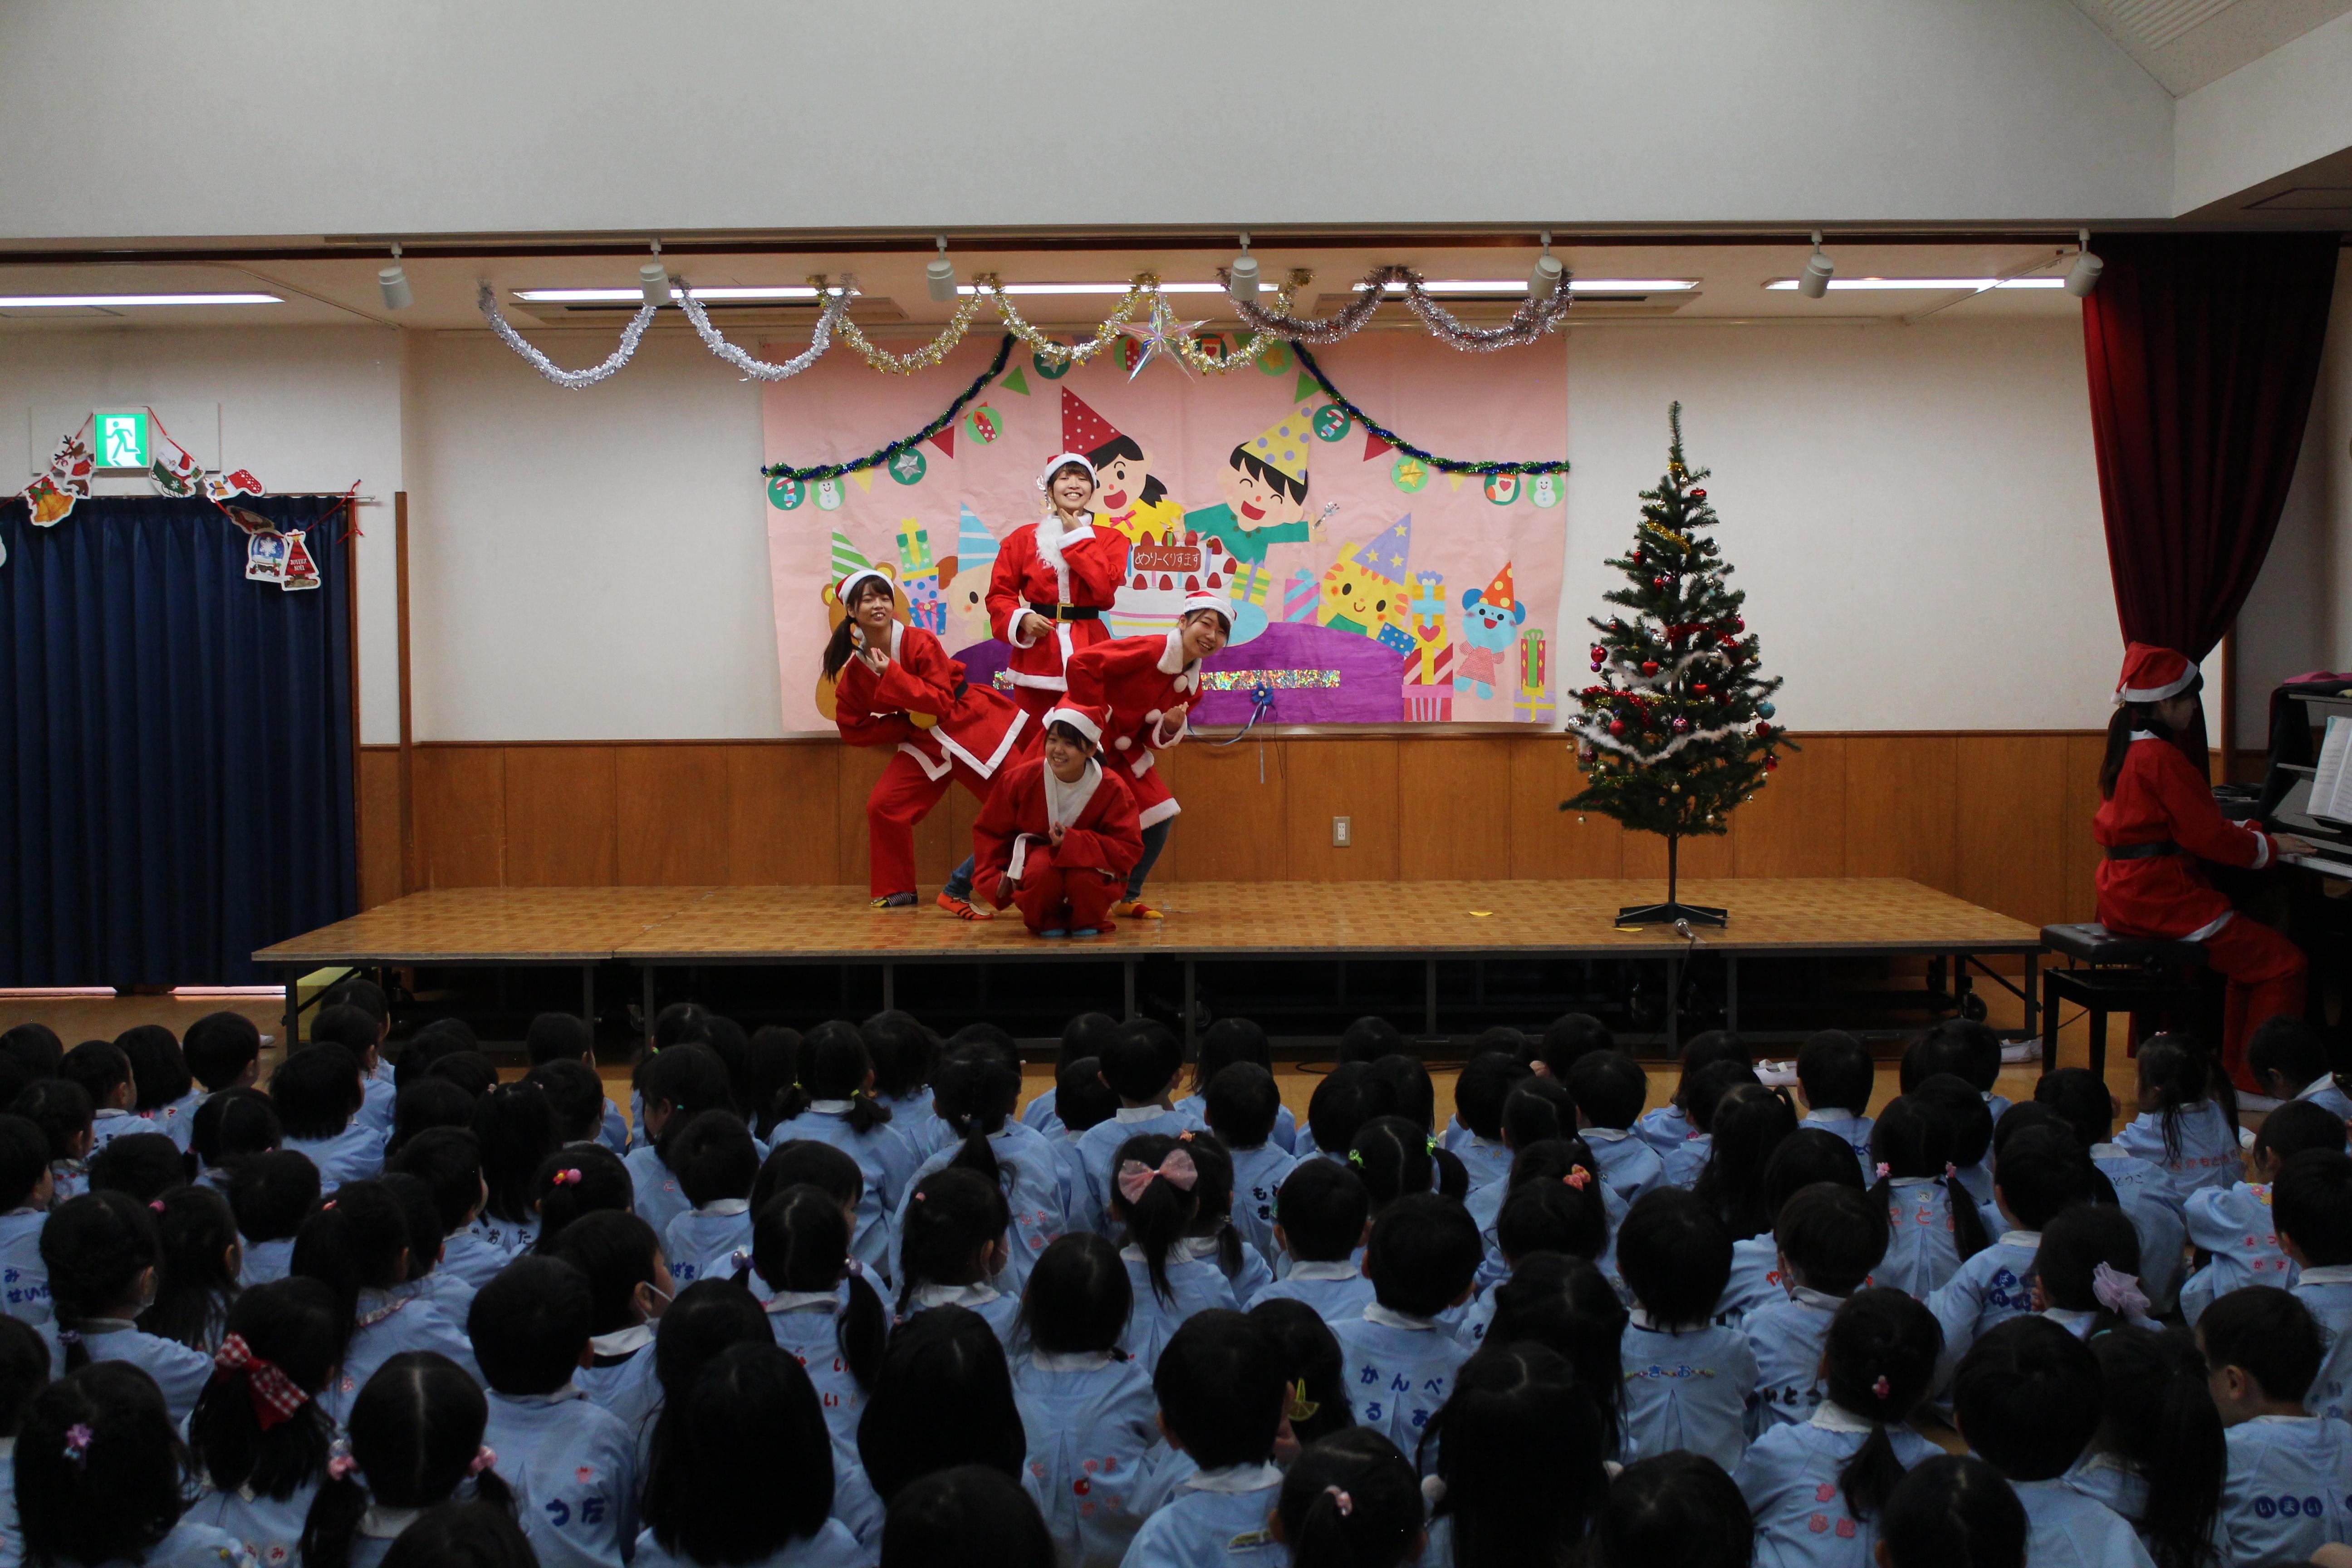 サンタクロース の ダンス ぼう あわてん あわてんぼうのサンタクロース クリスマスソングの試聴